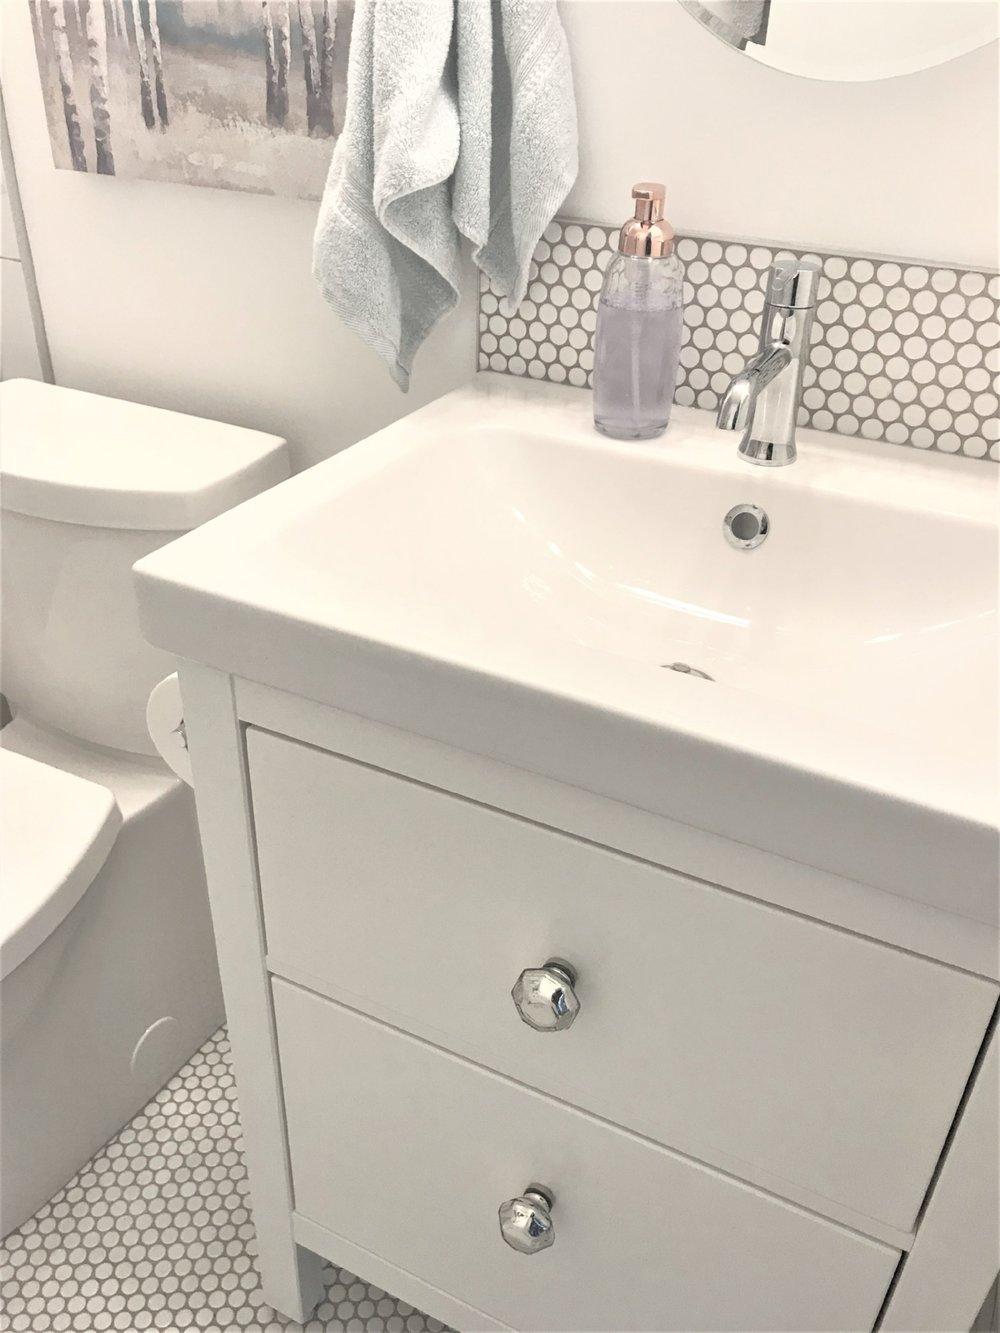 Calgary Interior Designer - How to make a tiny bathroom feel larger